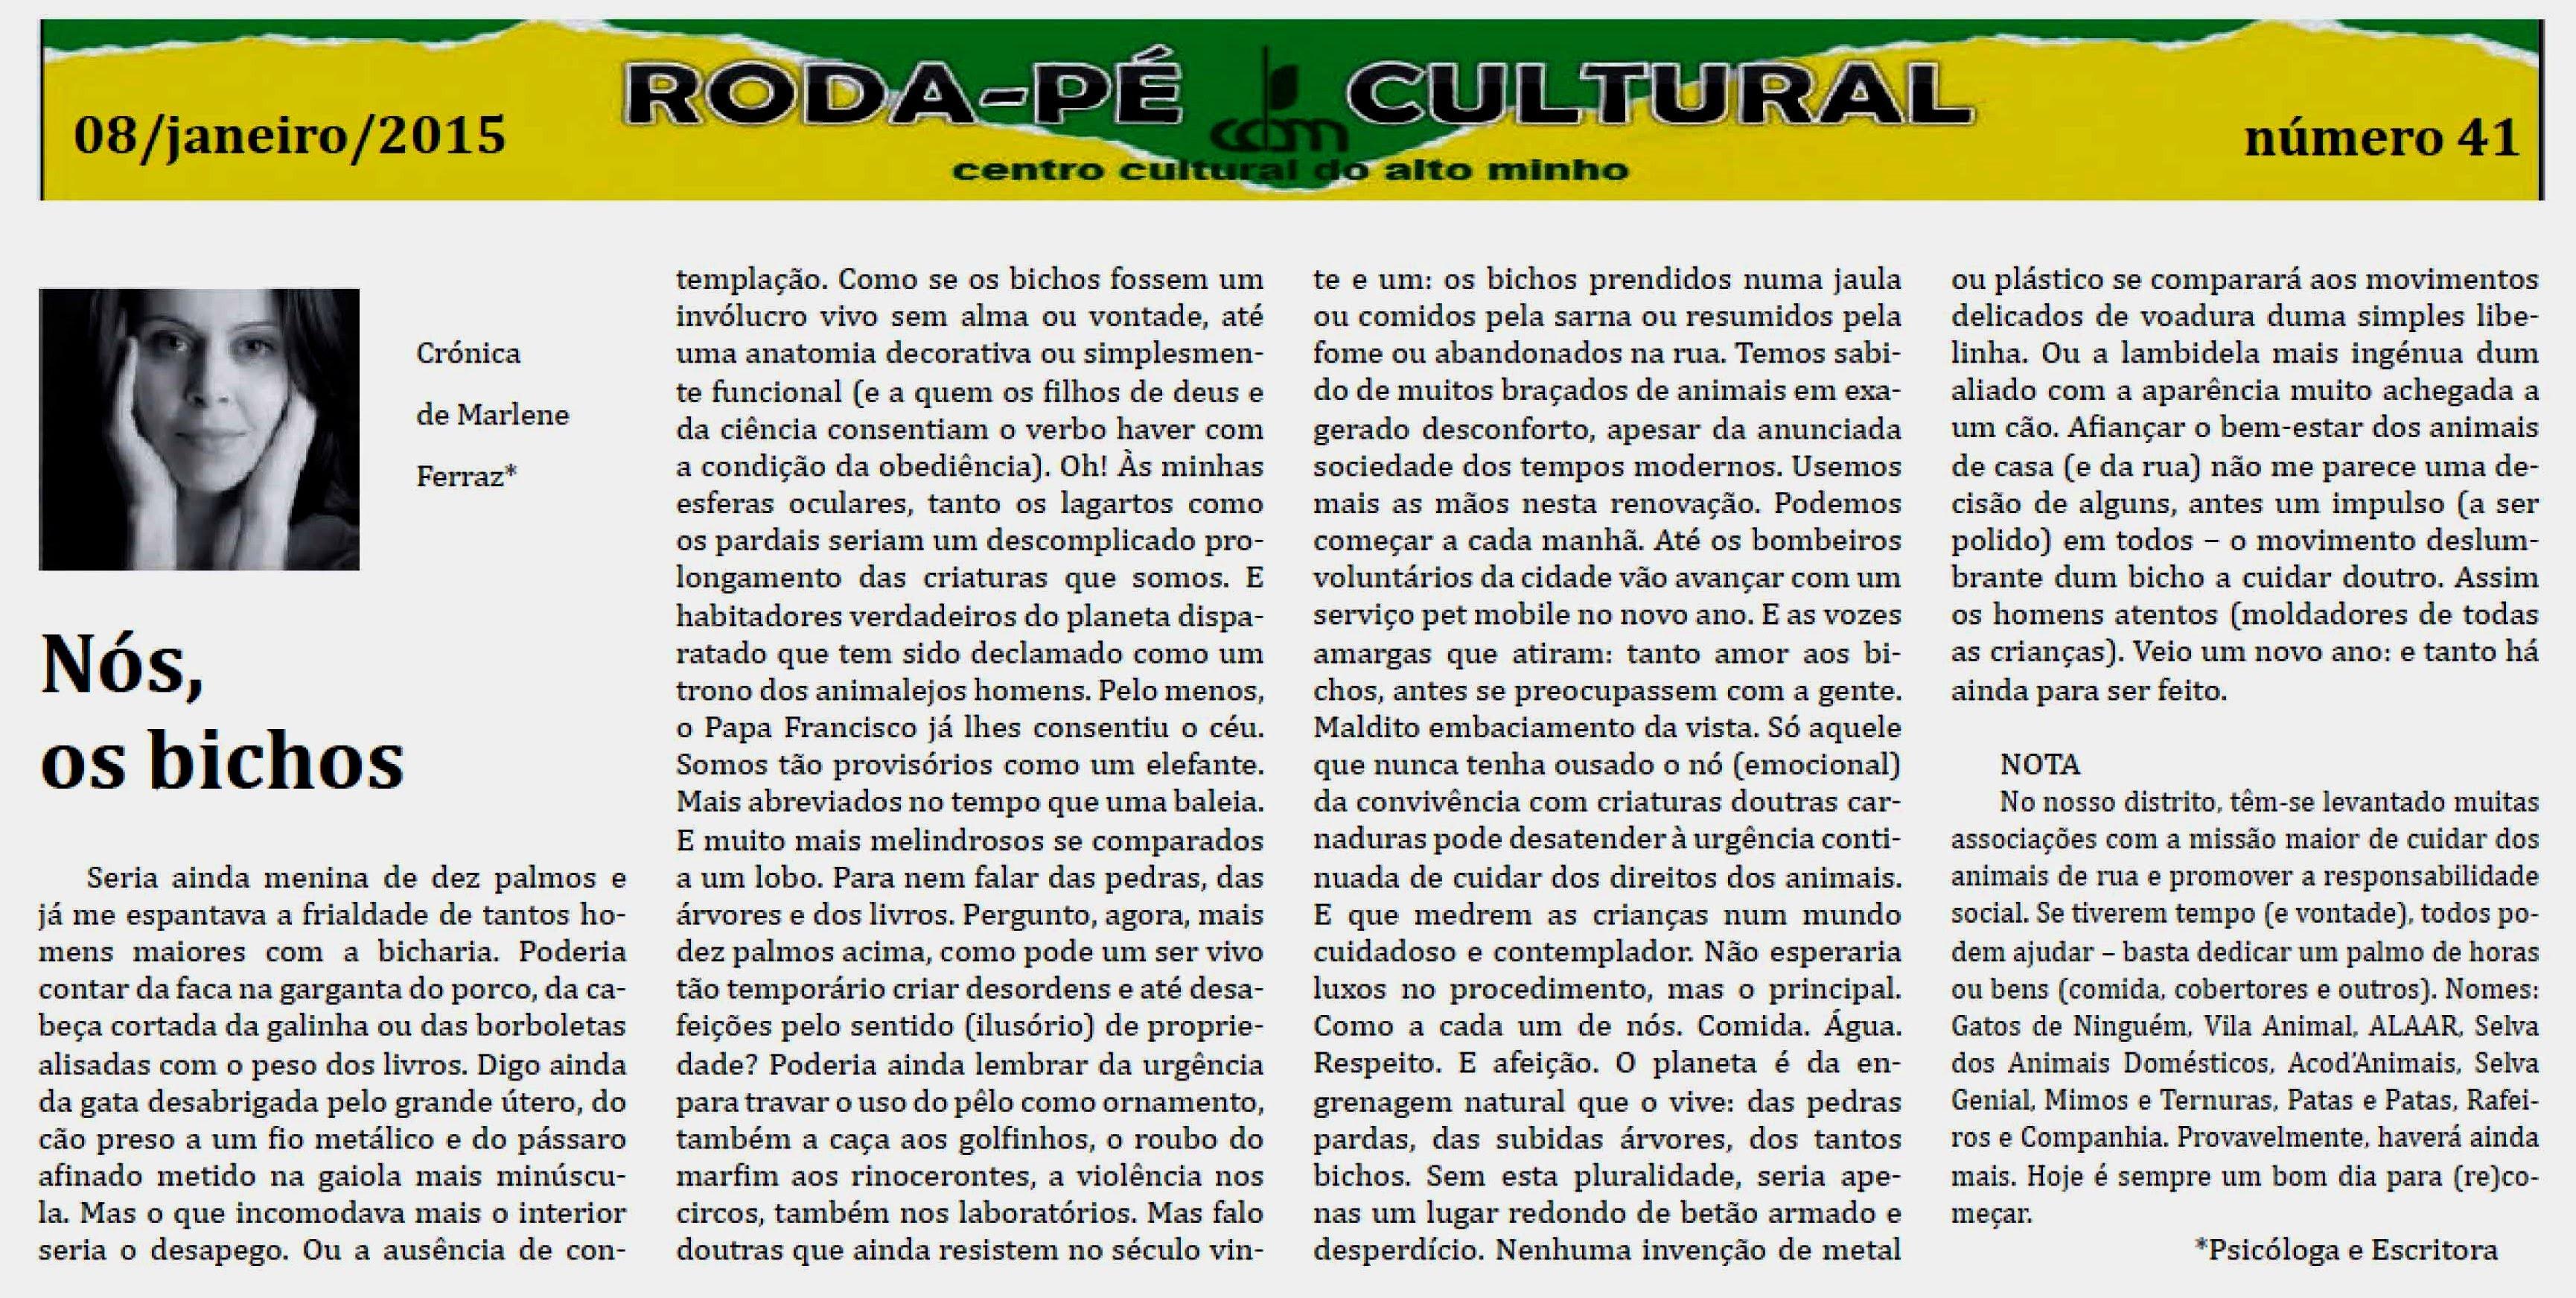 https://sites.google.com/a/centroculturaldoaltominho.org/ccam/actividades-realizadas/2015/RP_41.jpg